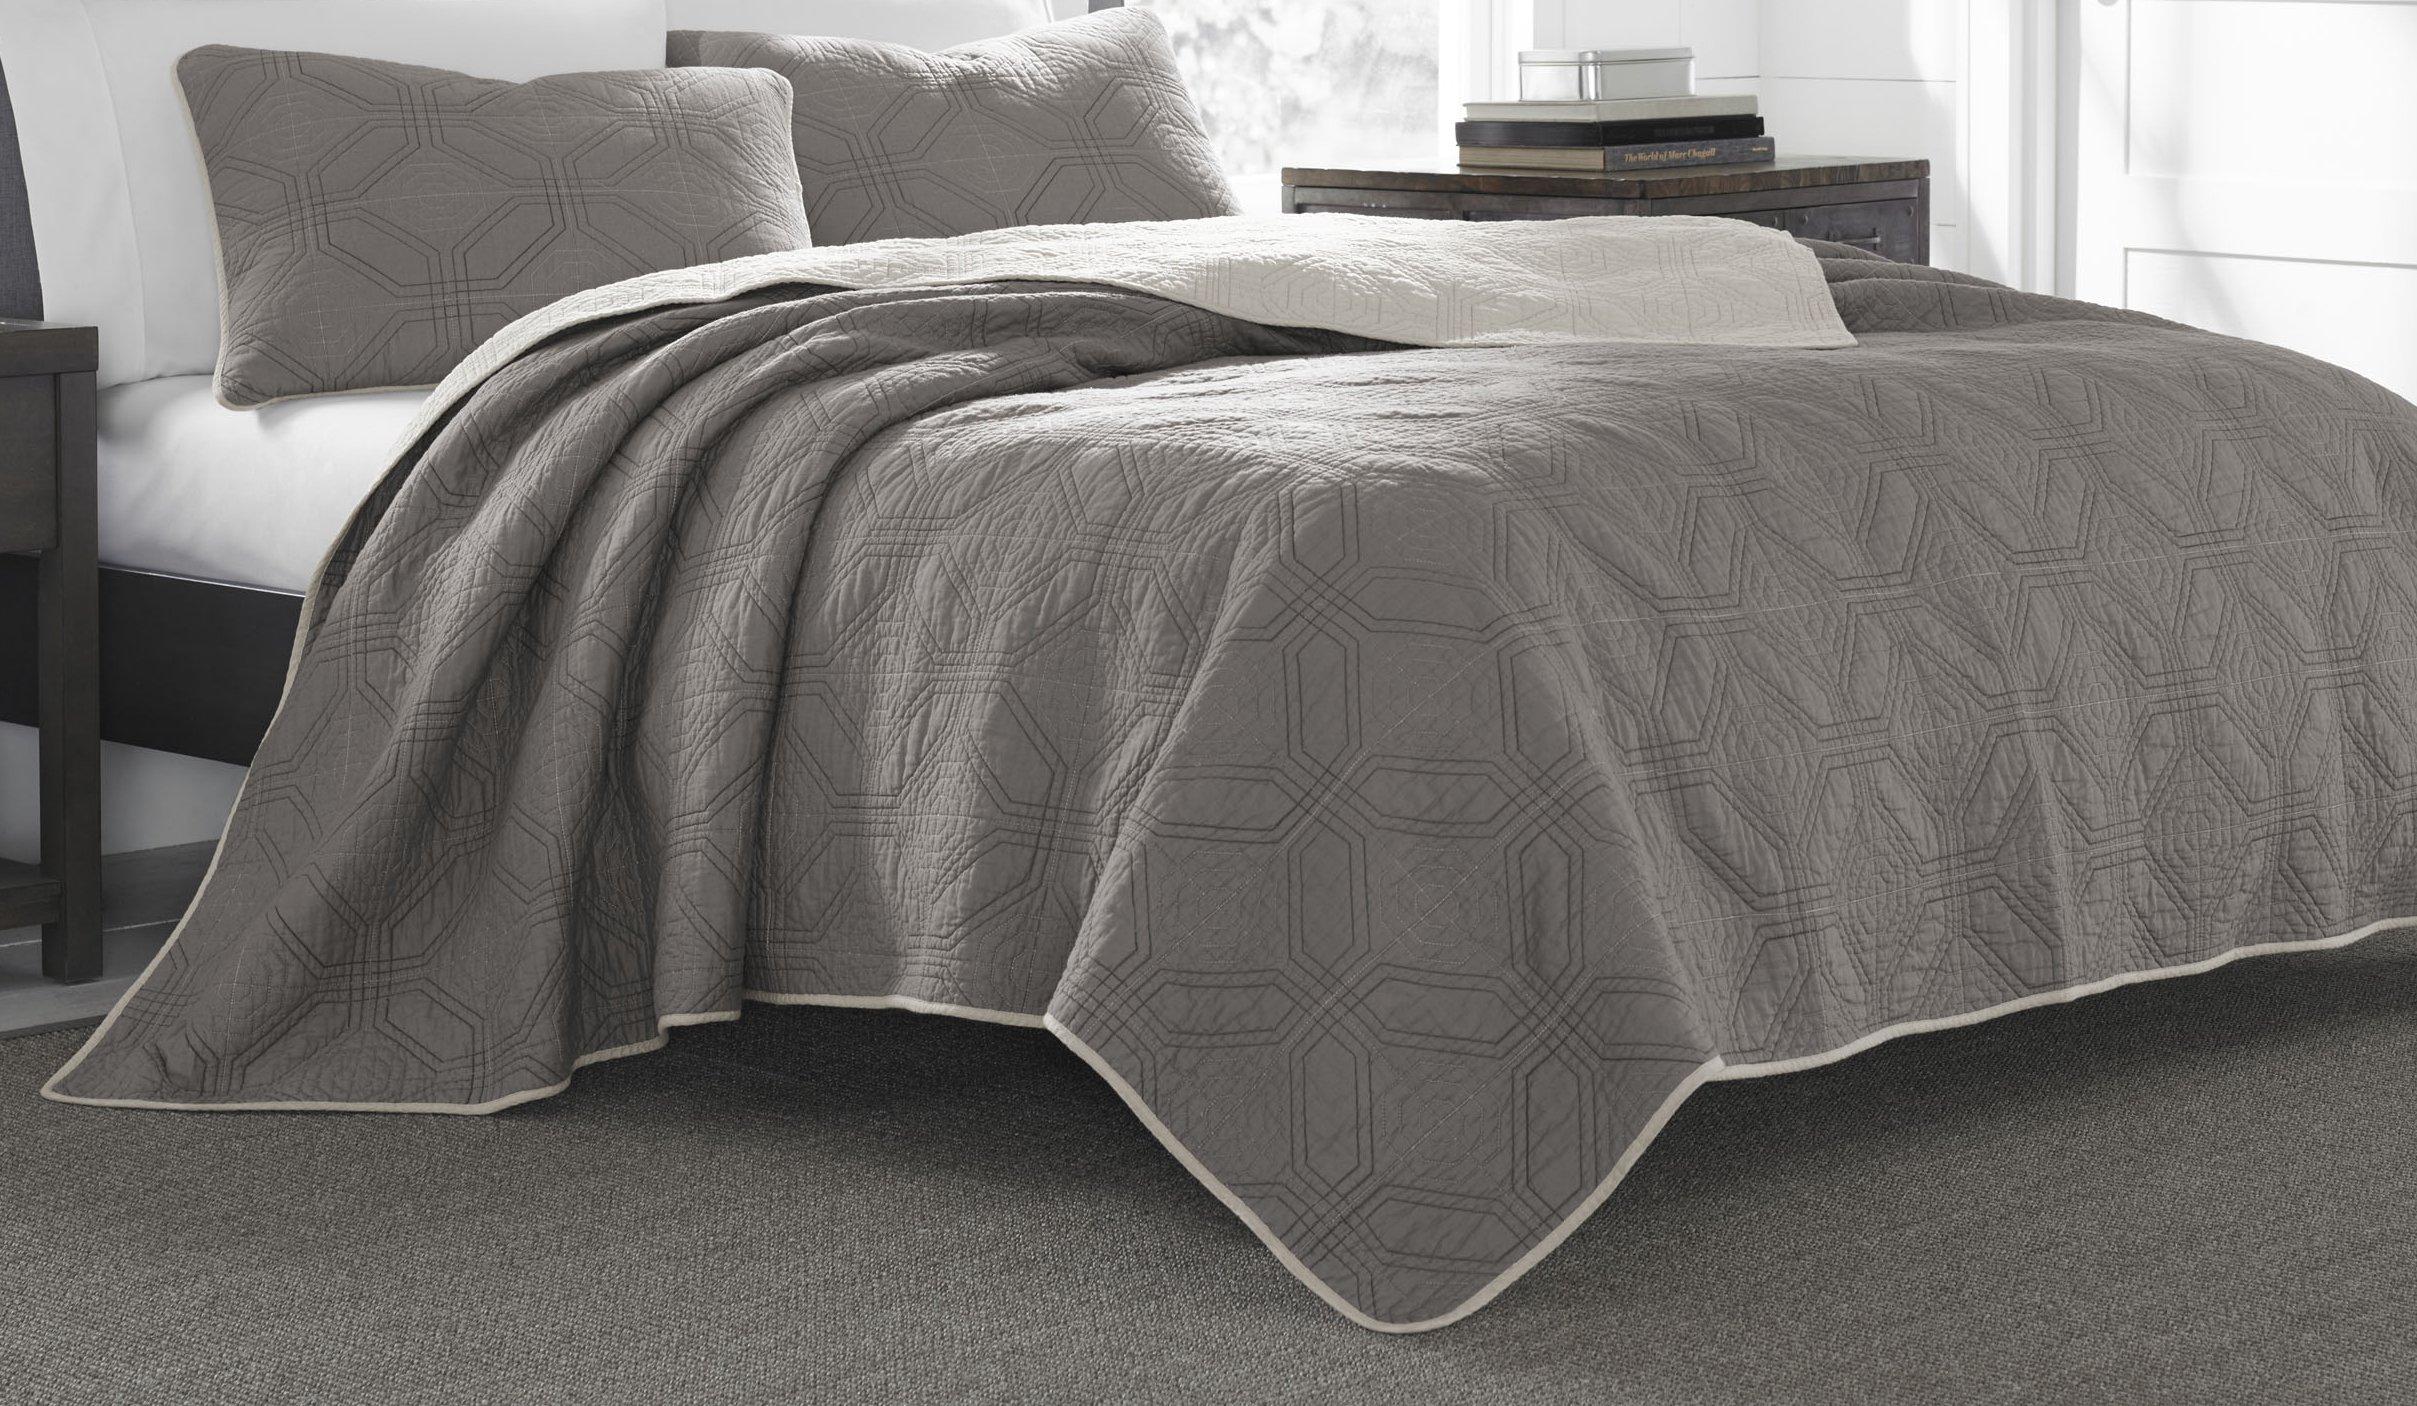 Eddie Bauer Axis Cotton Quilt Set, King, Grey